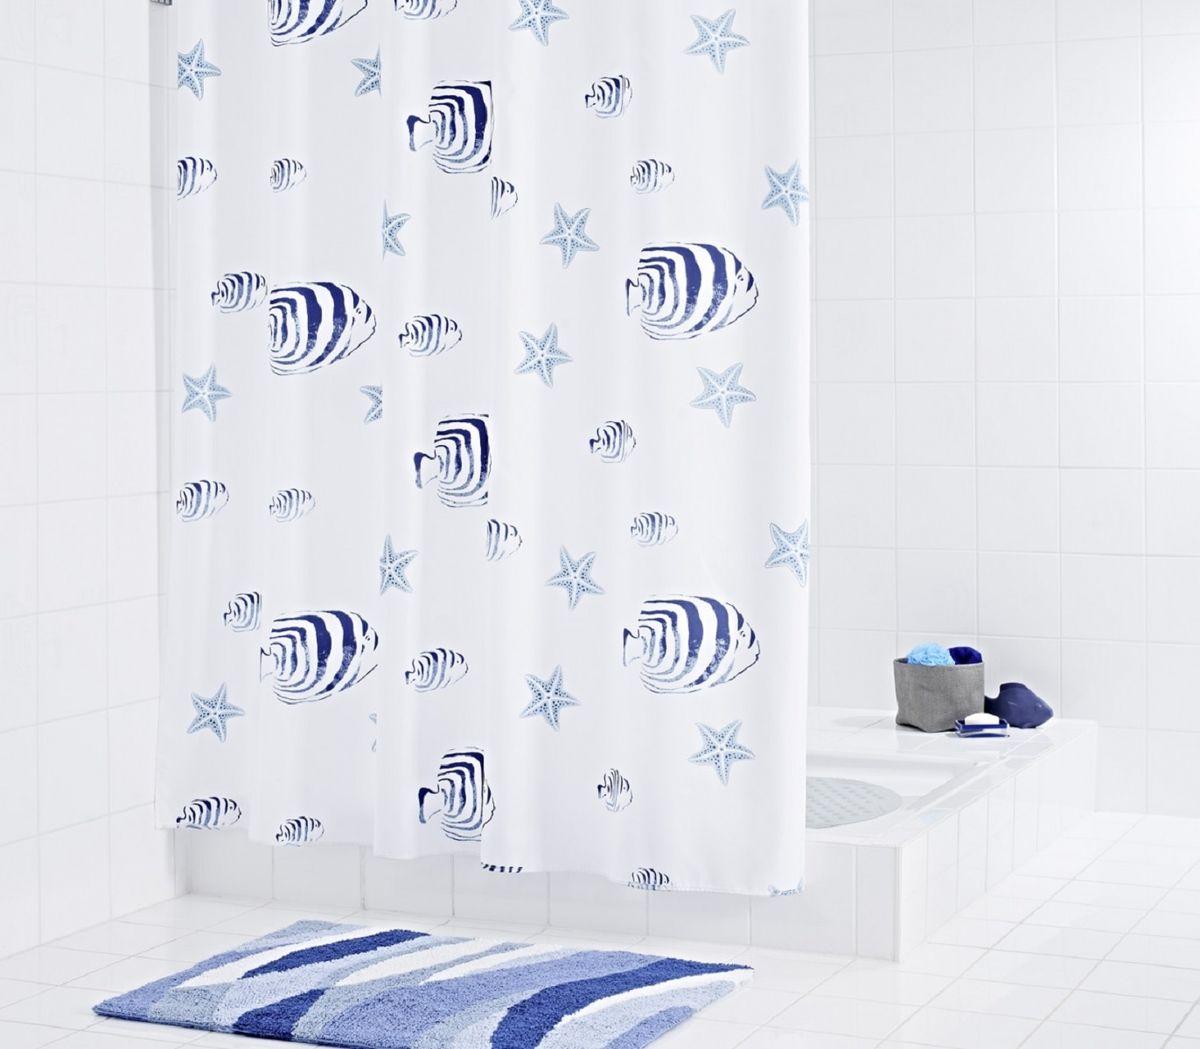 Штора для ванной комнаты Ridder Skalar, 180 х 200 см47360Высококачественная немецкая шторка Ridder Skalar создаст прекрасноенастроение в ванной комнате.Данное изделие имеет антигрибковое, водоотталкивающее и антистатическоепокрытие и утяжеленный нижний кант. Машинная стирка.Глажка при низкой температуре.